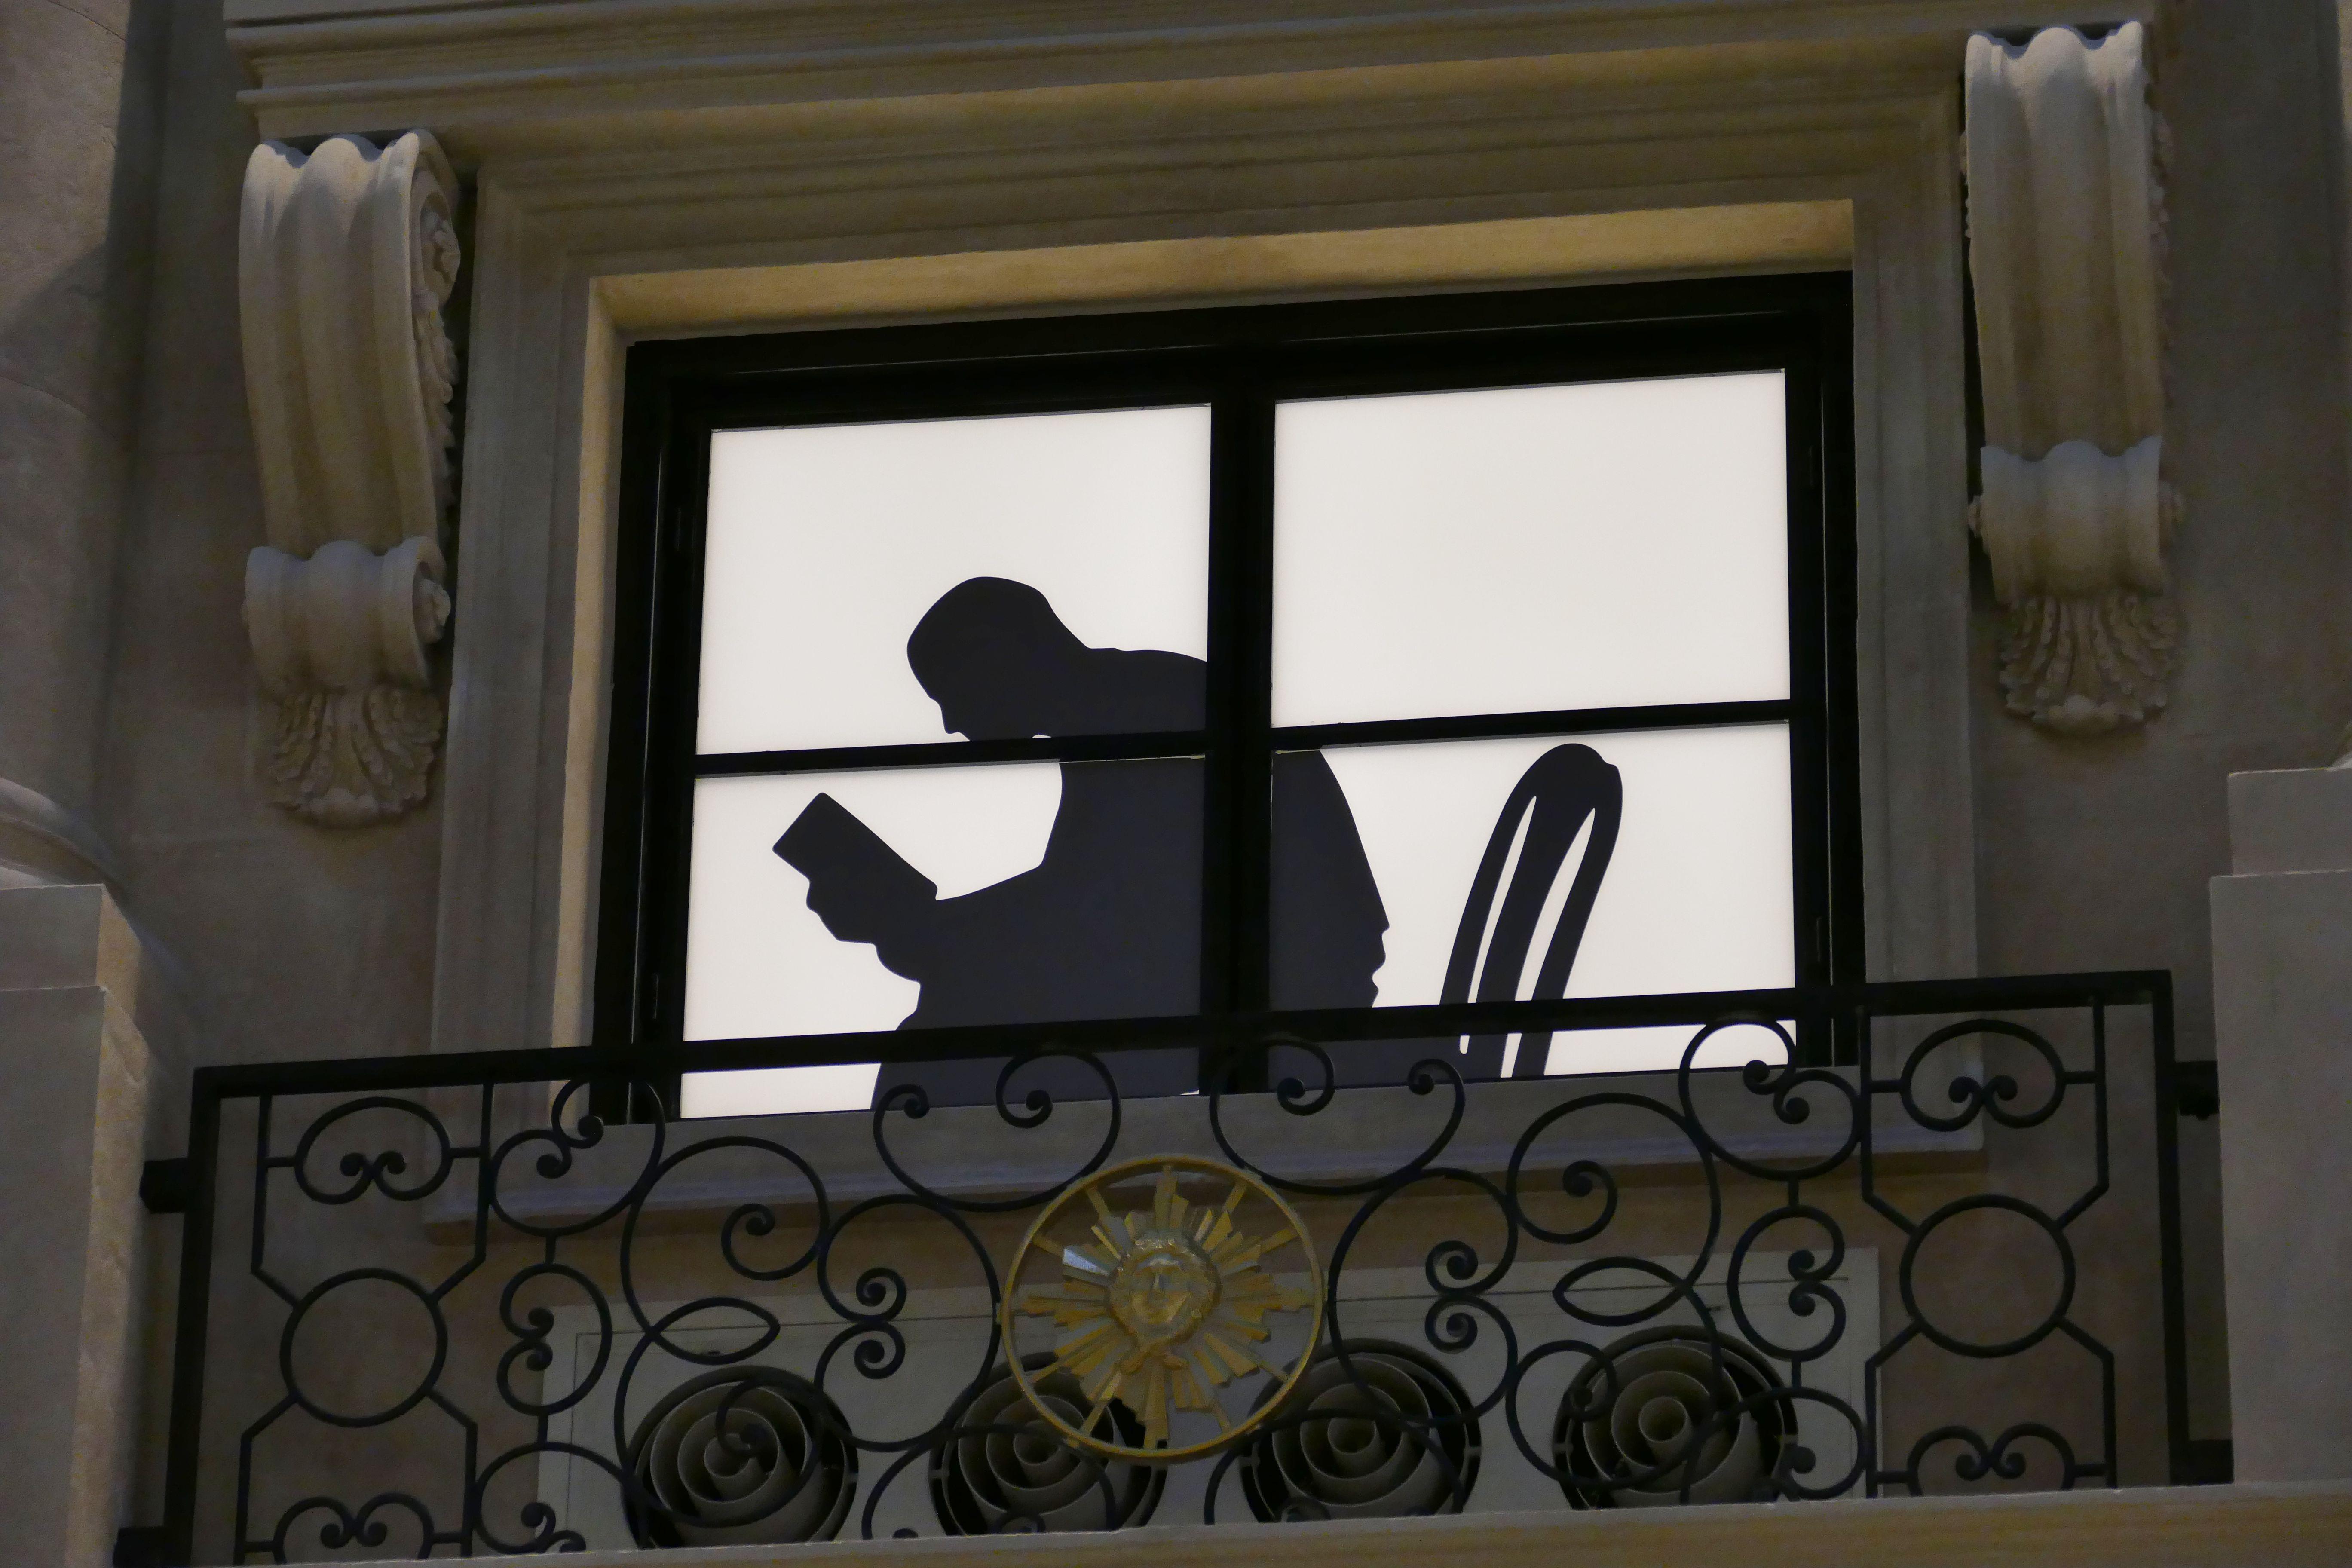 무료 이미지 : 남자, 실루엣, 도서, 독서, 창문, 유리, 집, 벽, 리더 ...